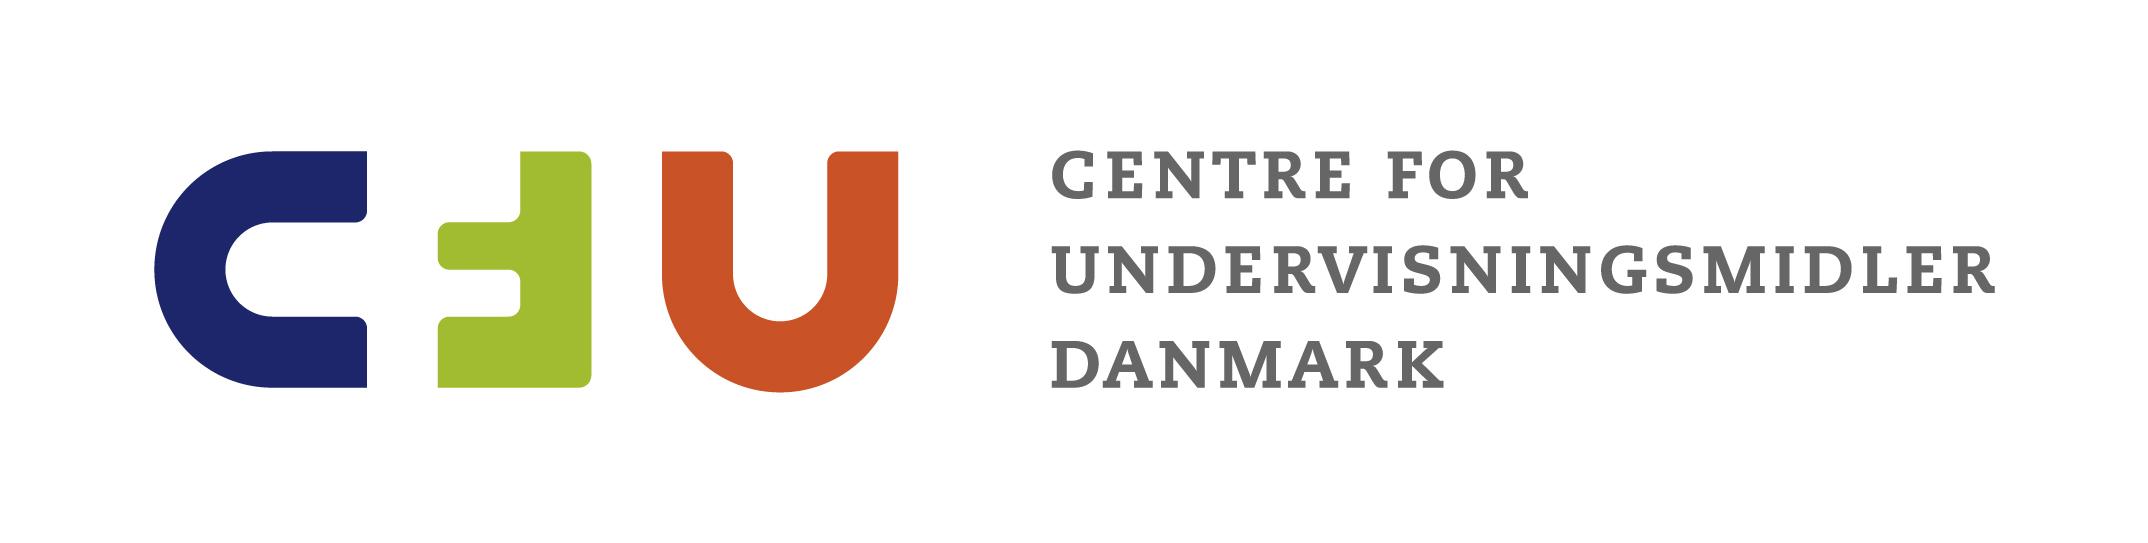 CFU_logo